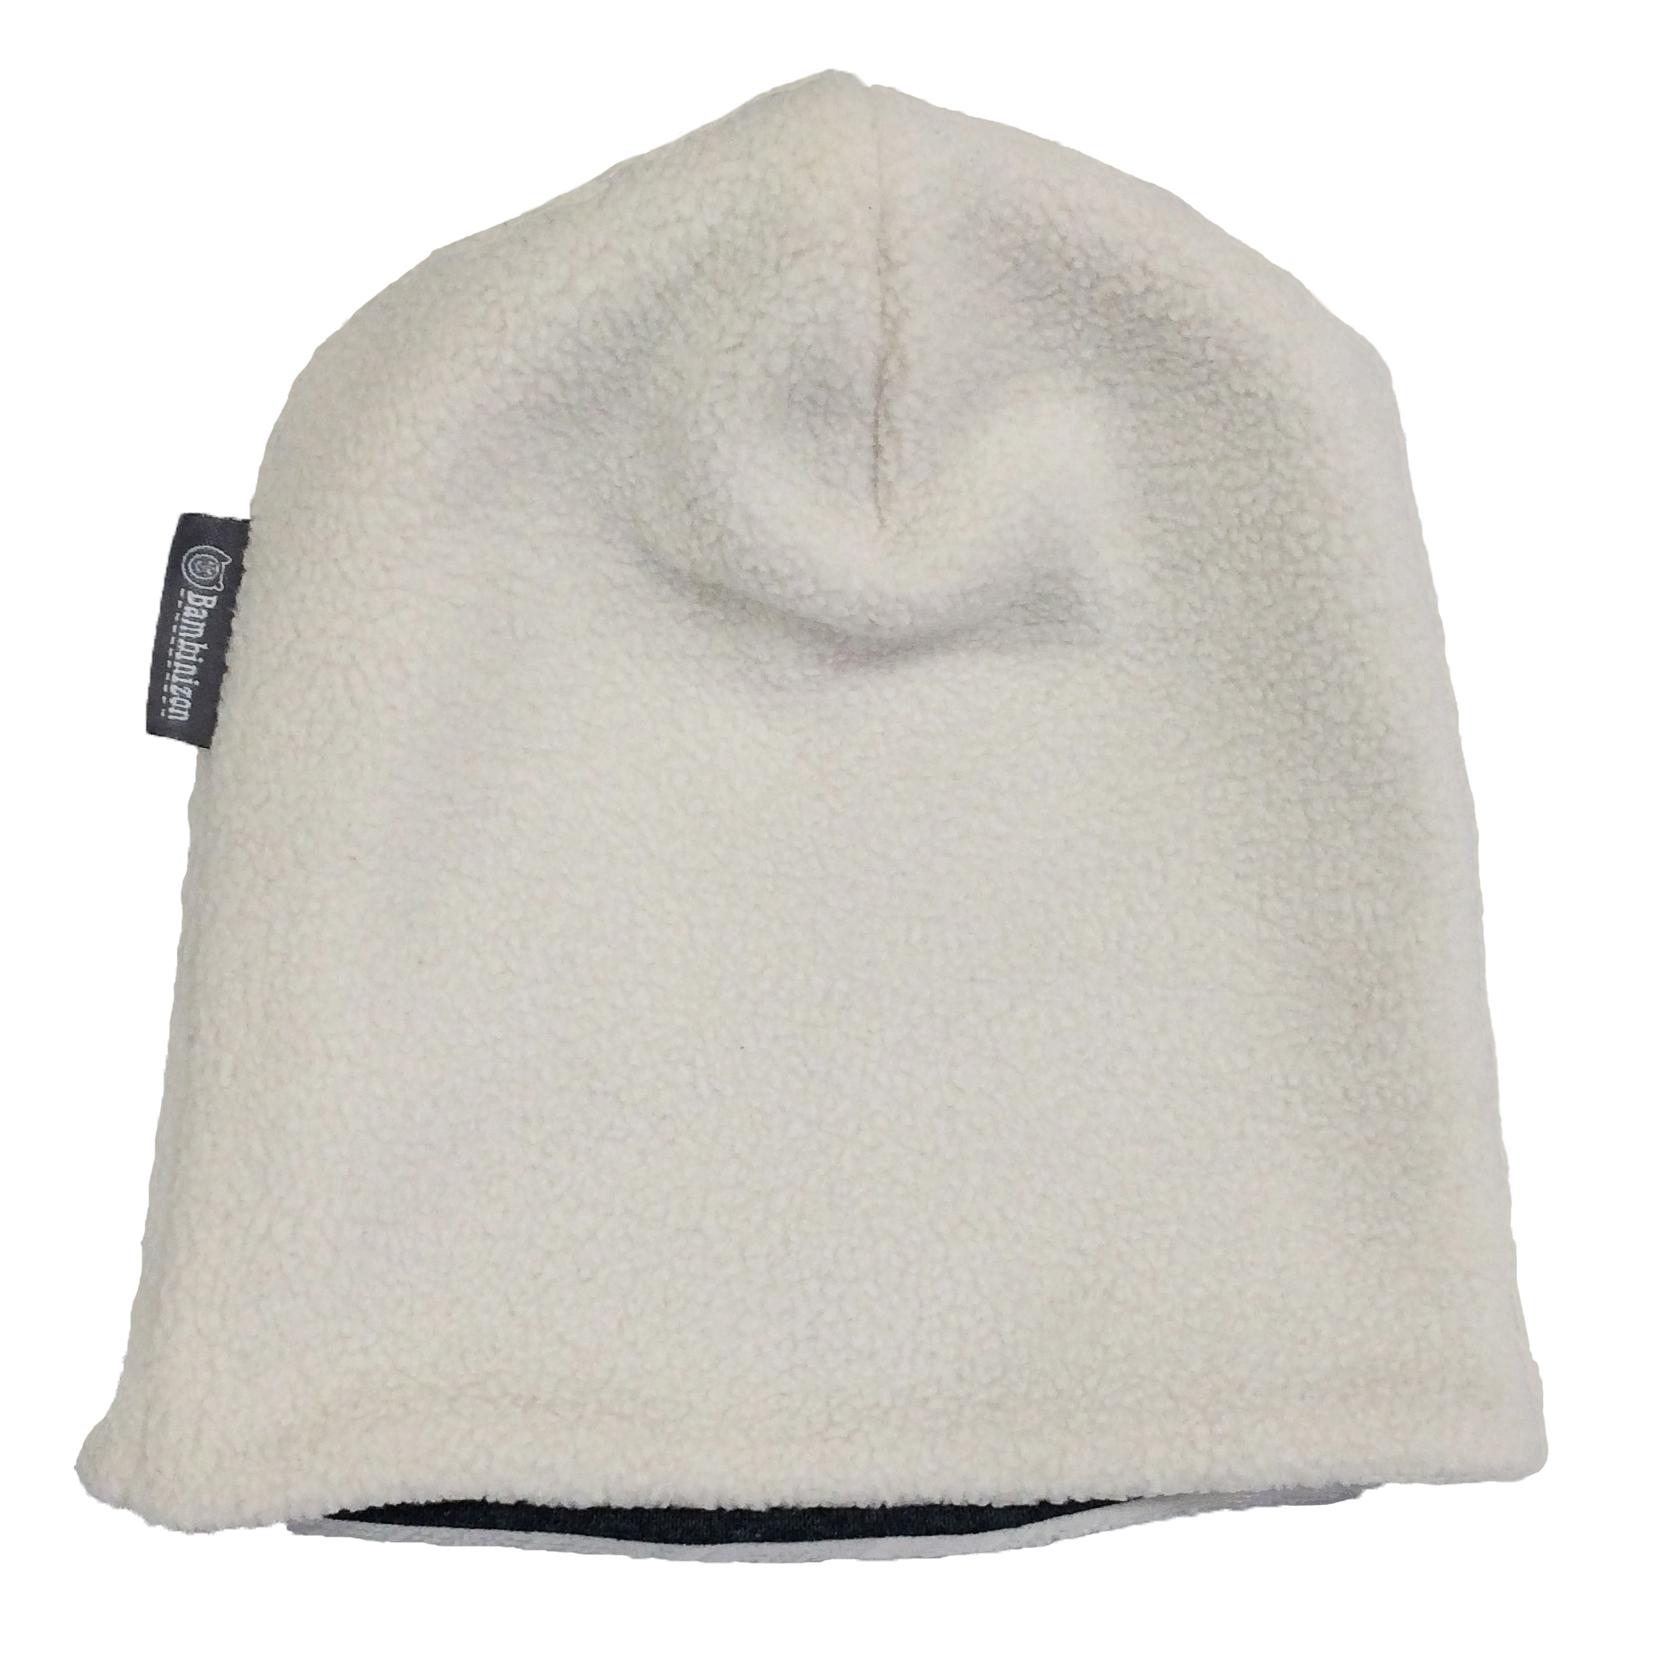 Купить Шапка детская Bambinizon из флиса Полярный мишка ШАФ-ПМ р.98, Детские шапки и шарфы